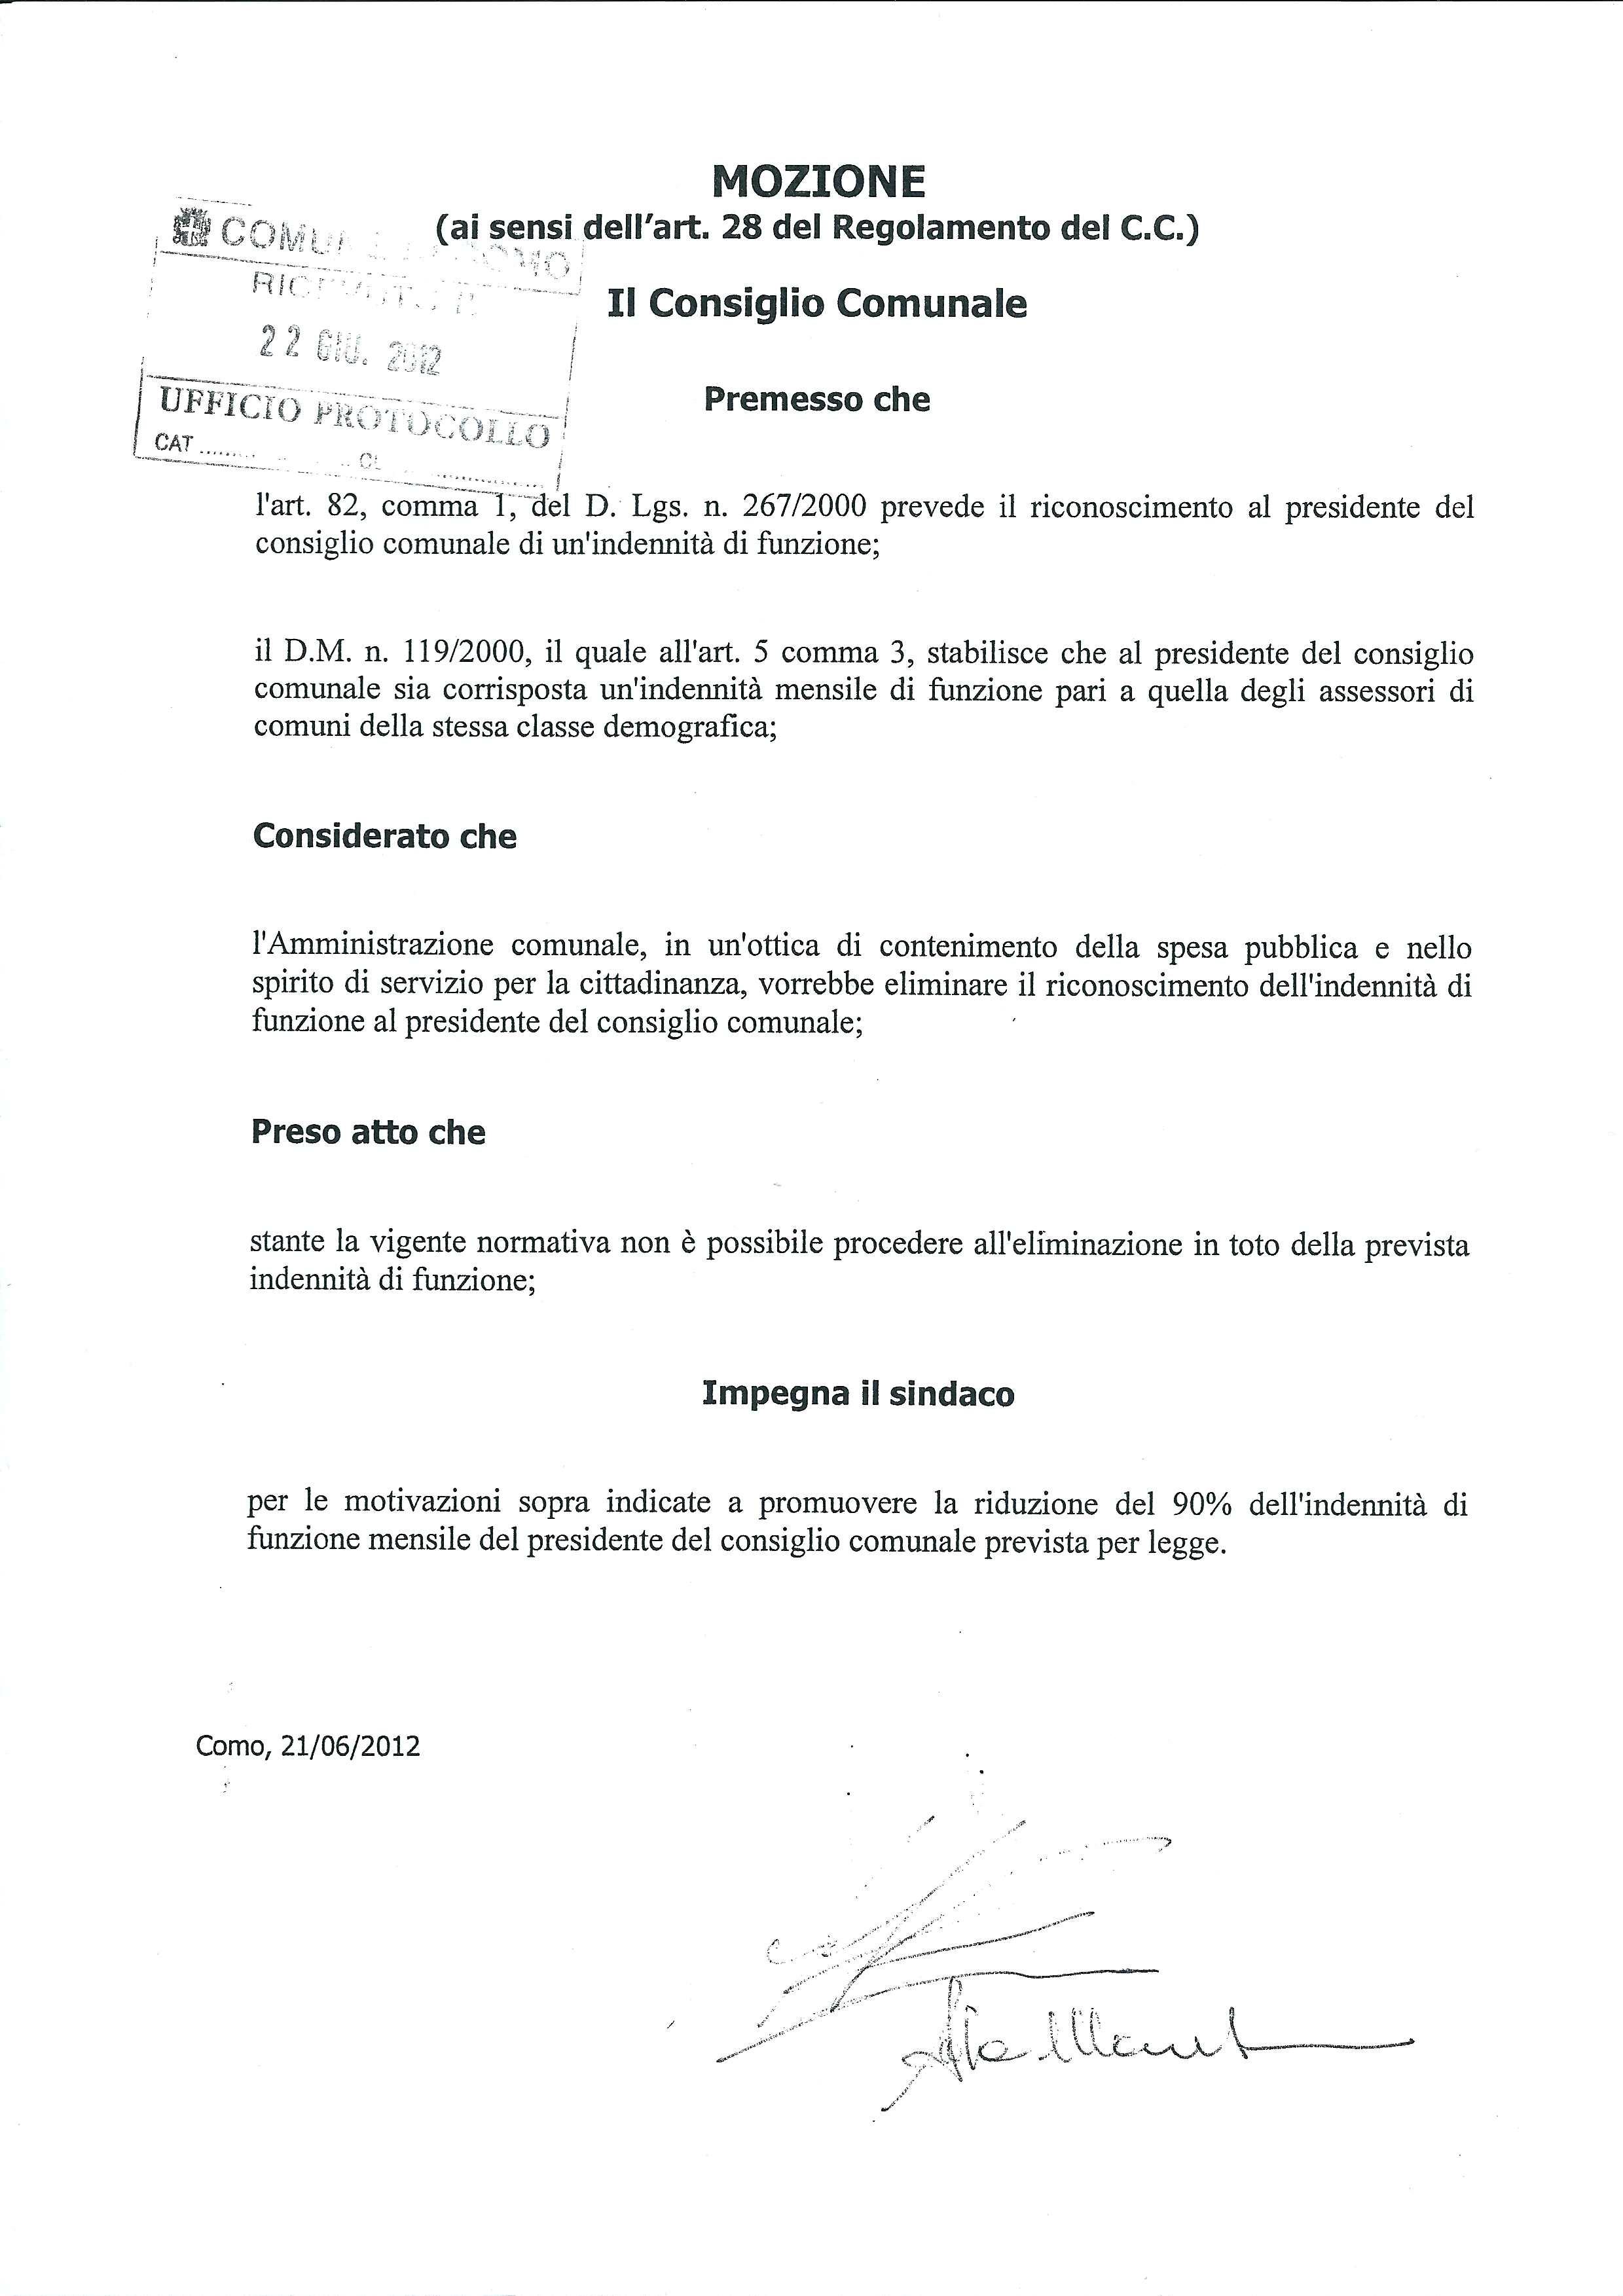 Delibera-Fragolino-decurtazione-stipendio